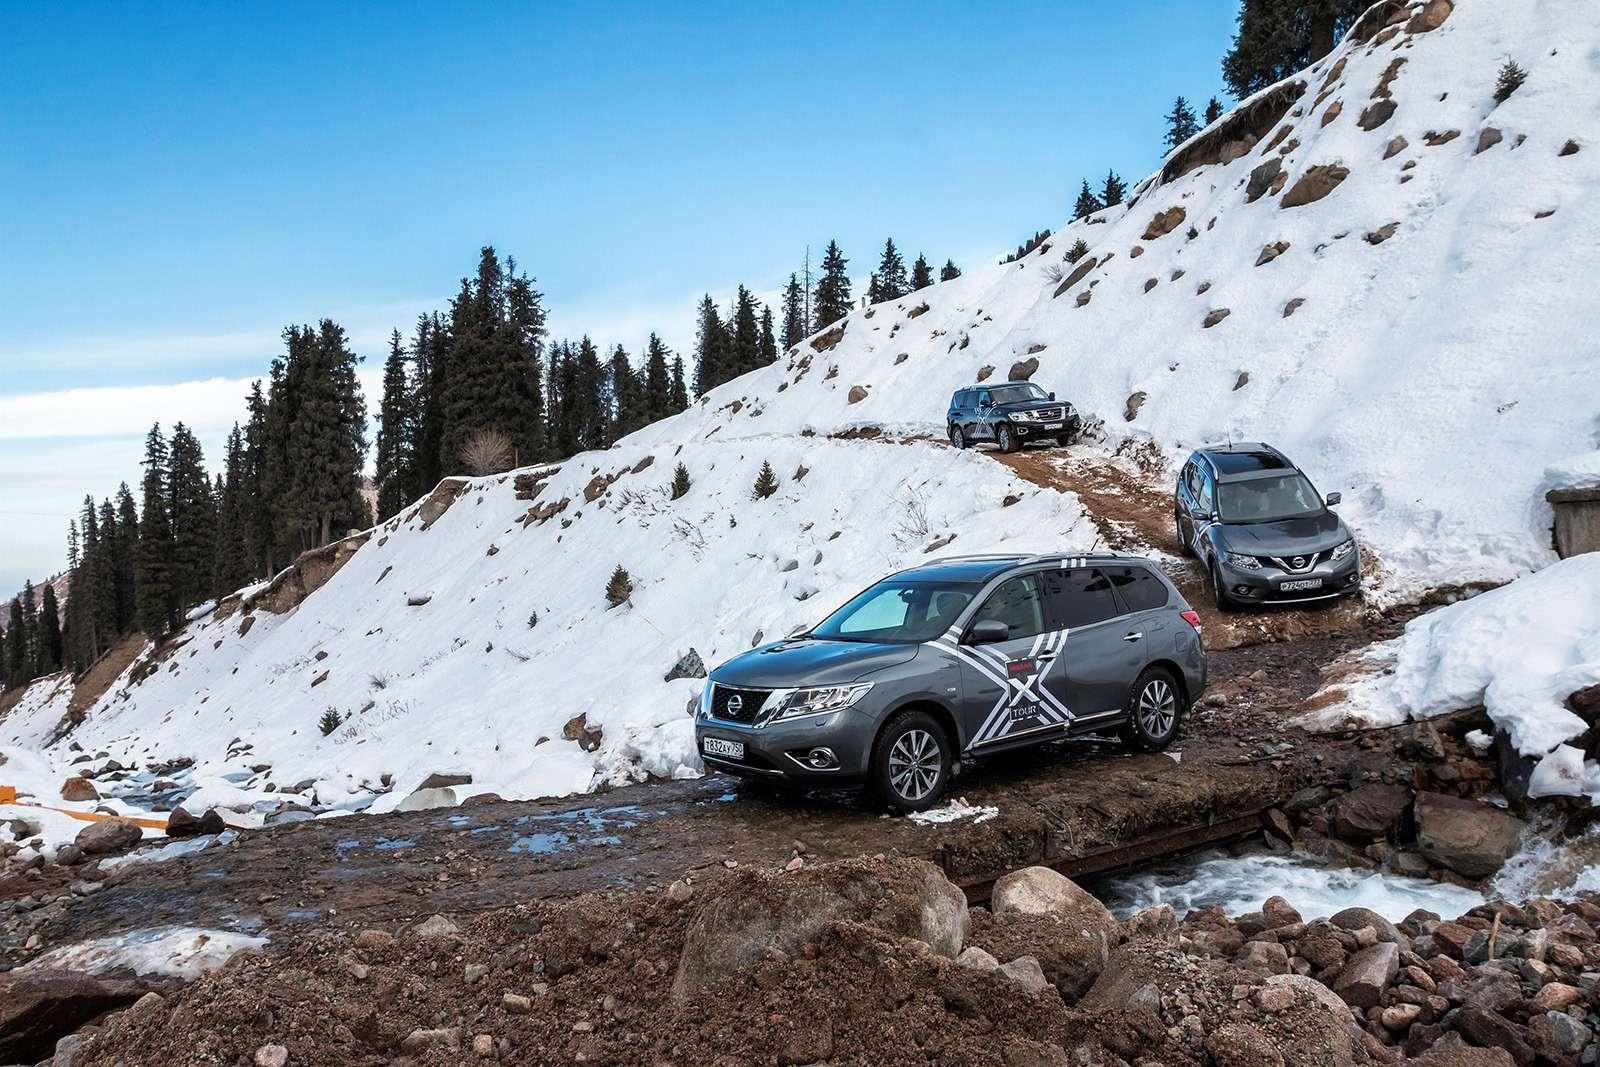 Двемодели Nissan ушли сроссийского рынка. Какие ипочему?— фото 817291